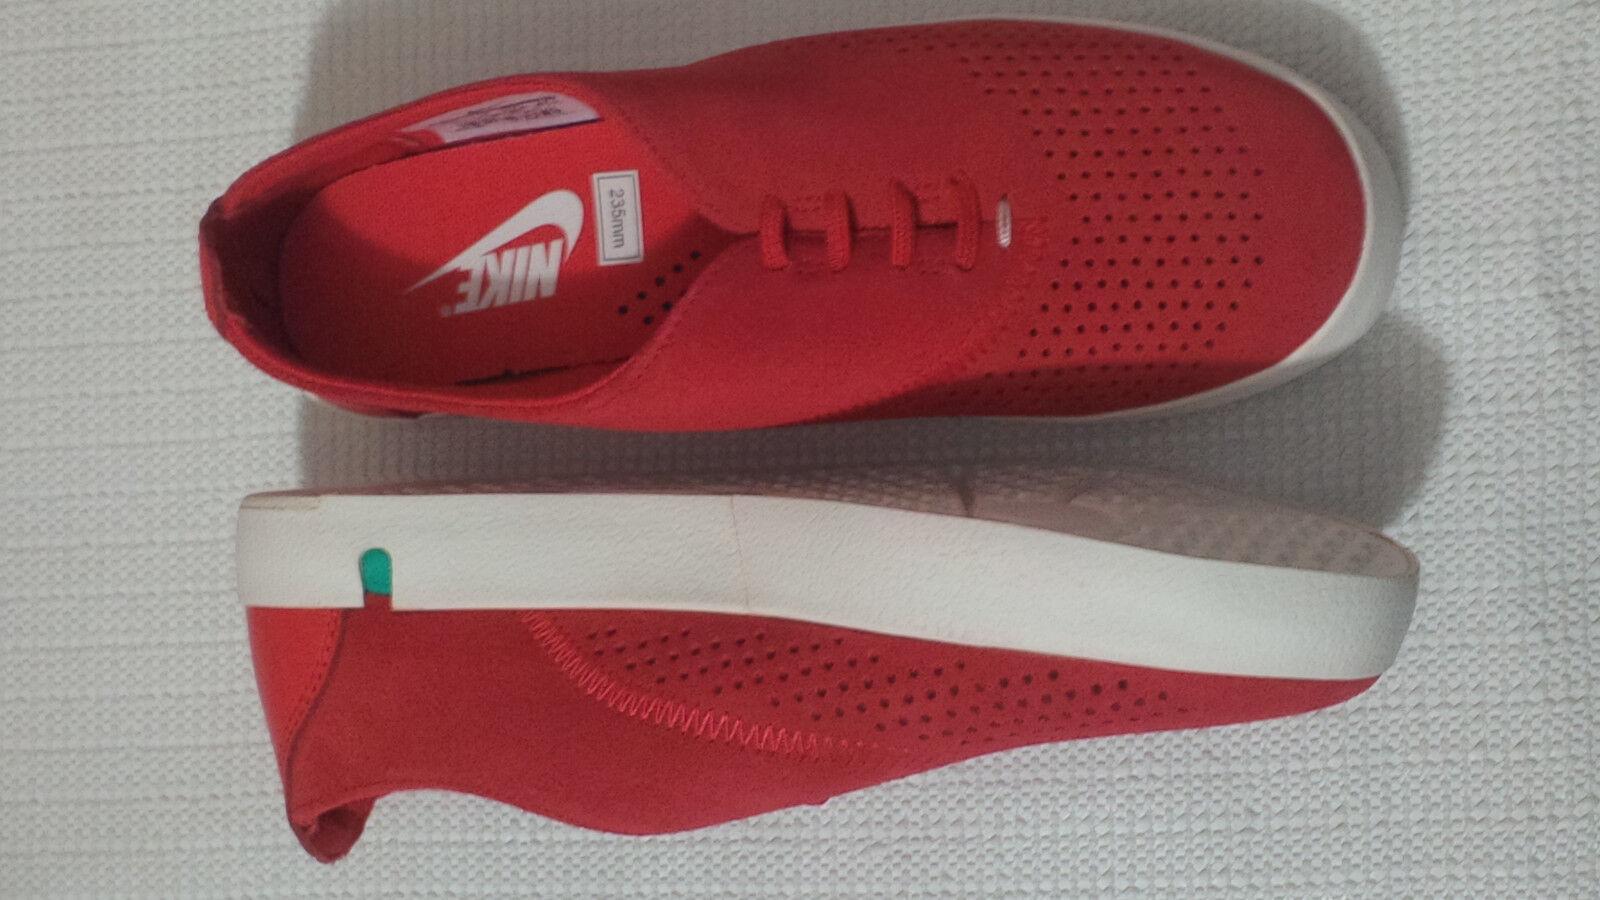 Le Le Le scarpe nike alexa basso stile casual 511311-600 | flagship store  | Uomo/Donne Scarpa  266c63